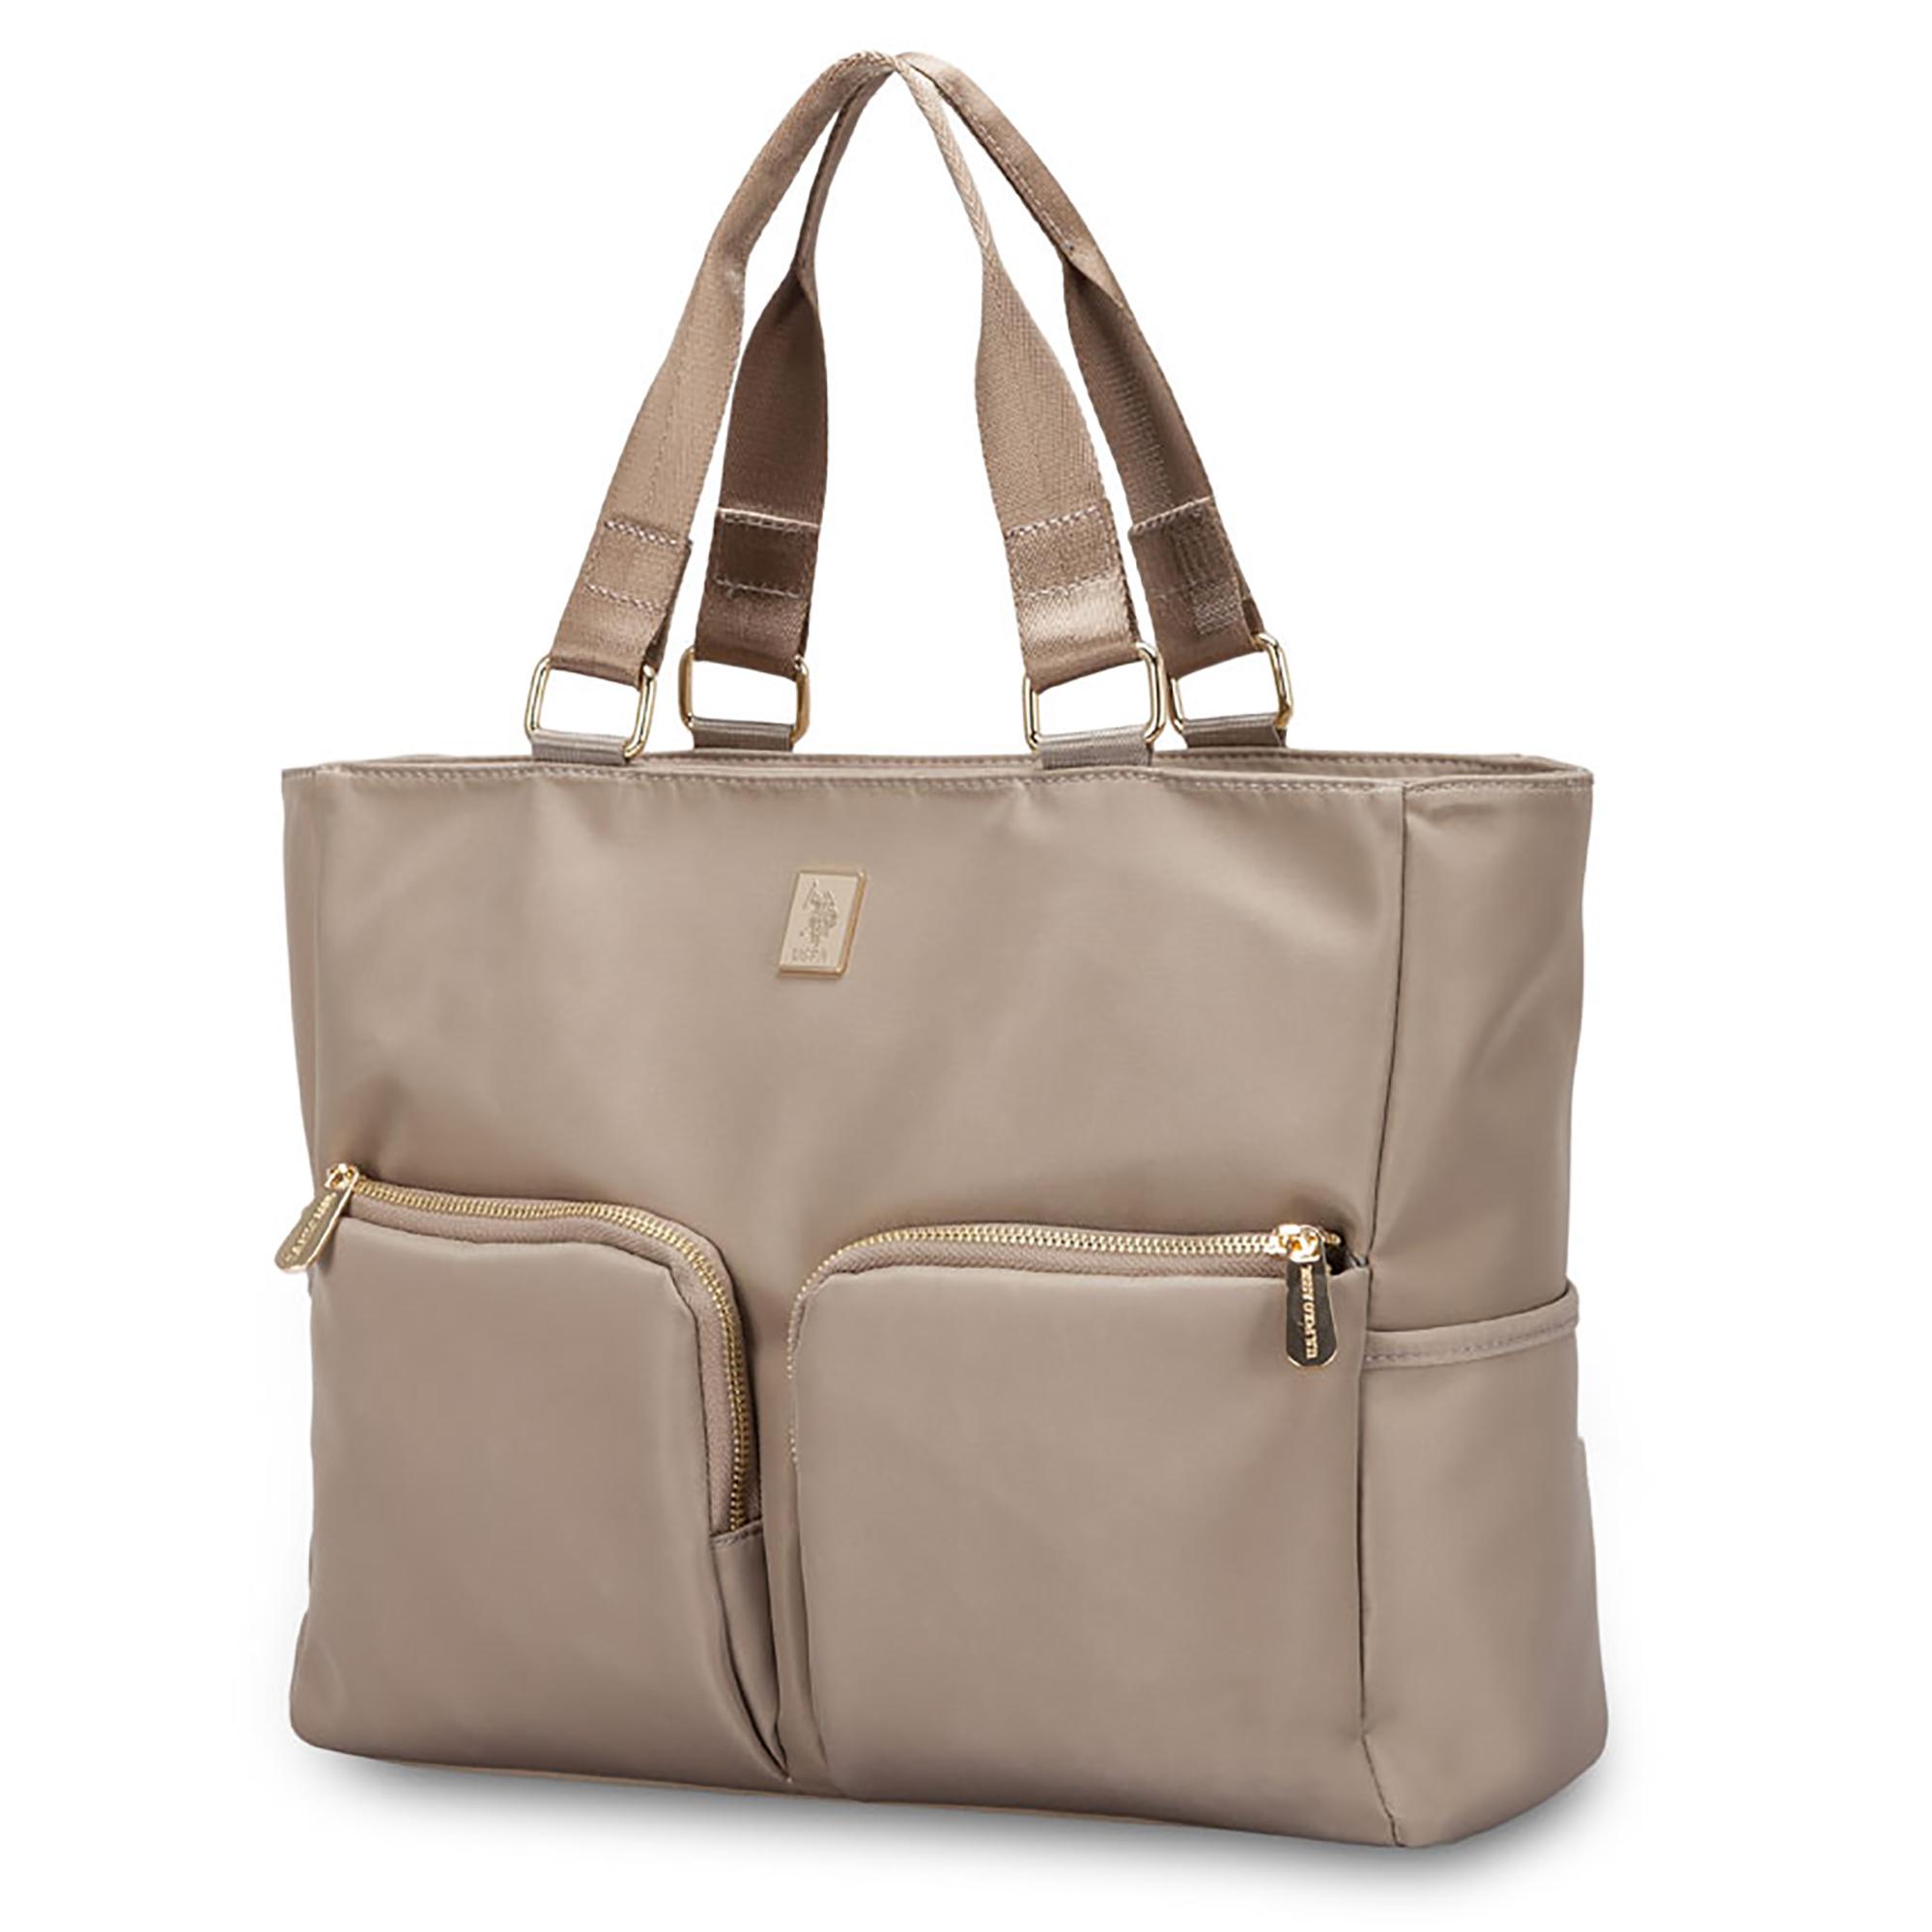 2f4db94aaf71 NEW US Polo Assn. Los Angeles Shopping Fashion Handbag Nylon ...